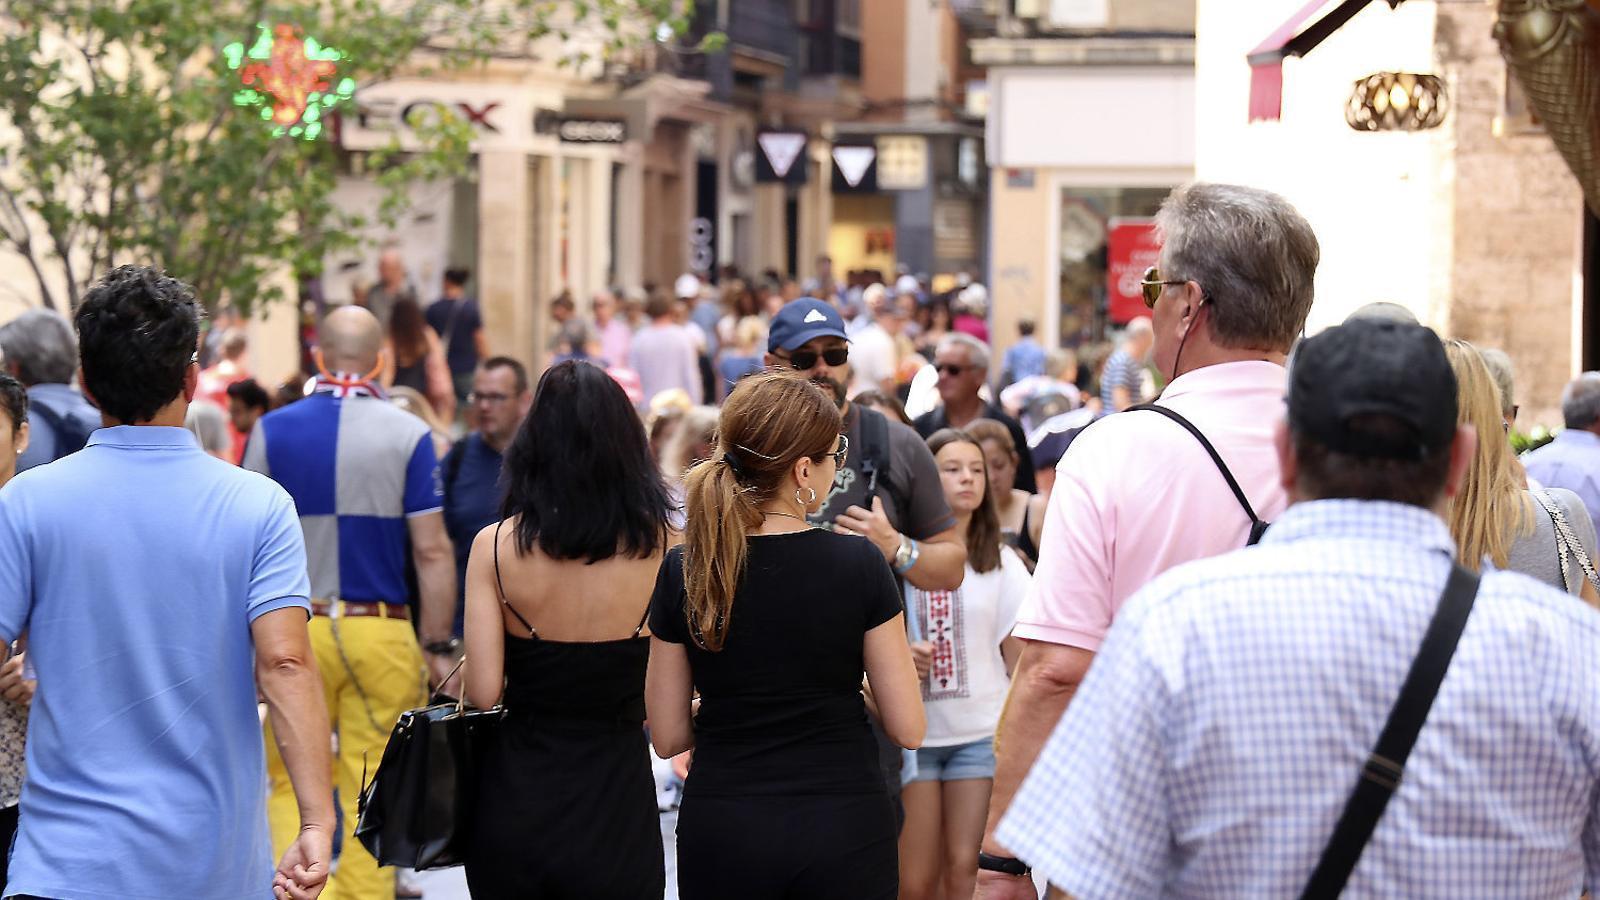 El 64% dels comerços del centre històric de Palma són per a turistes